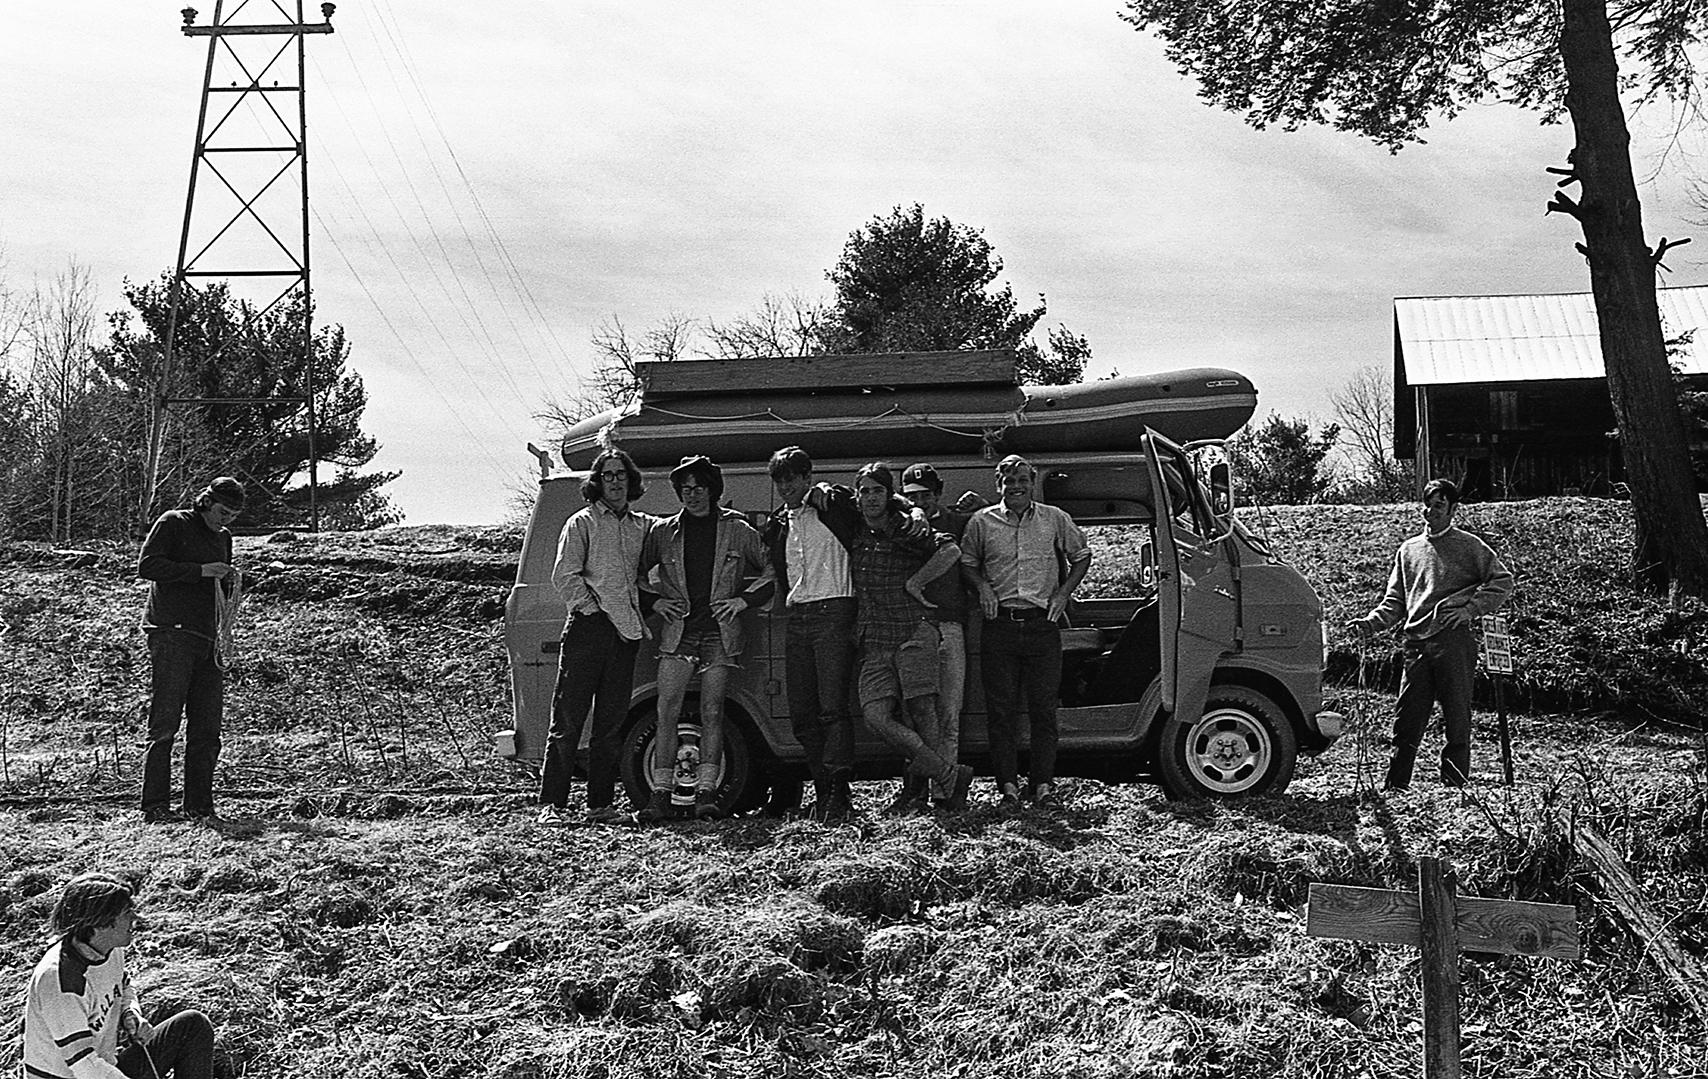 Van and crew